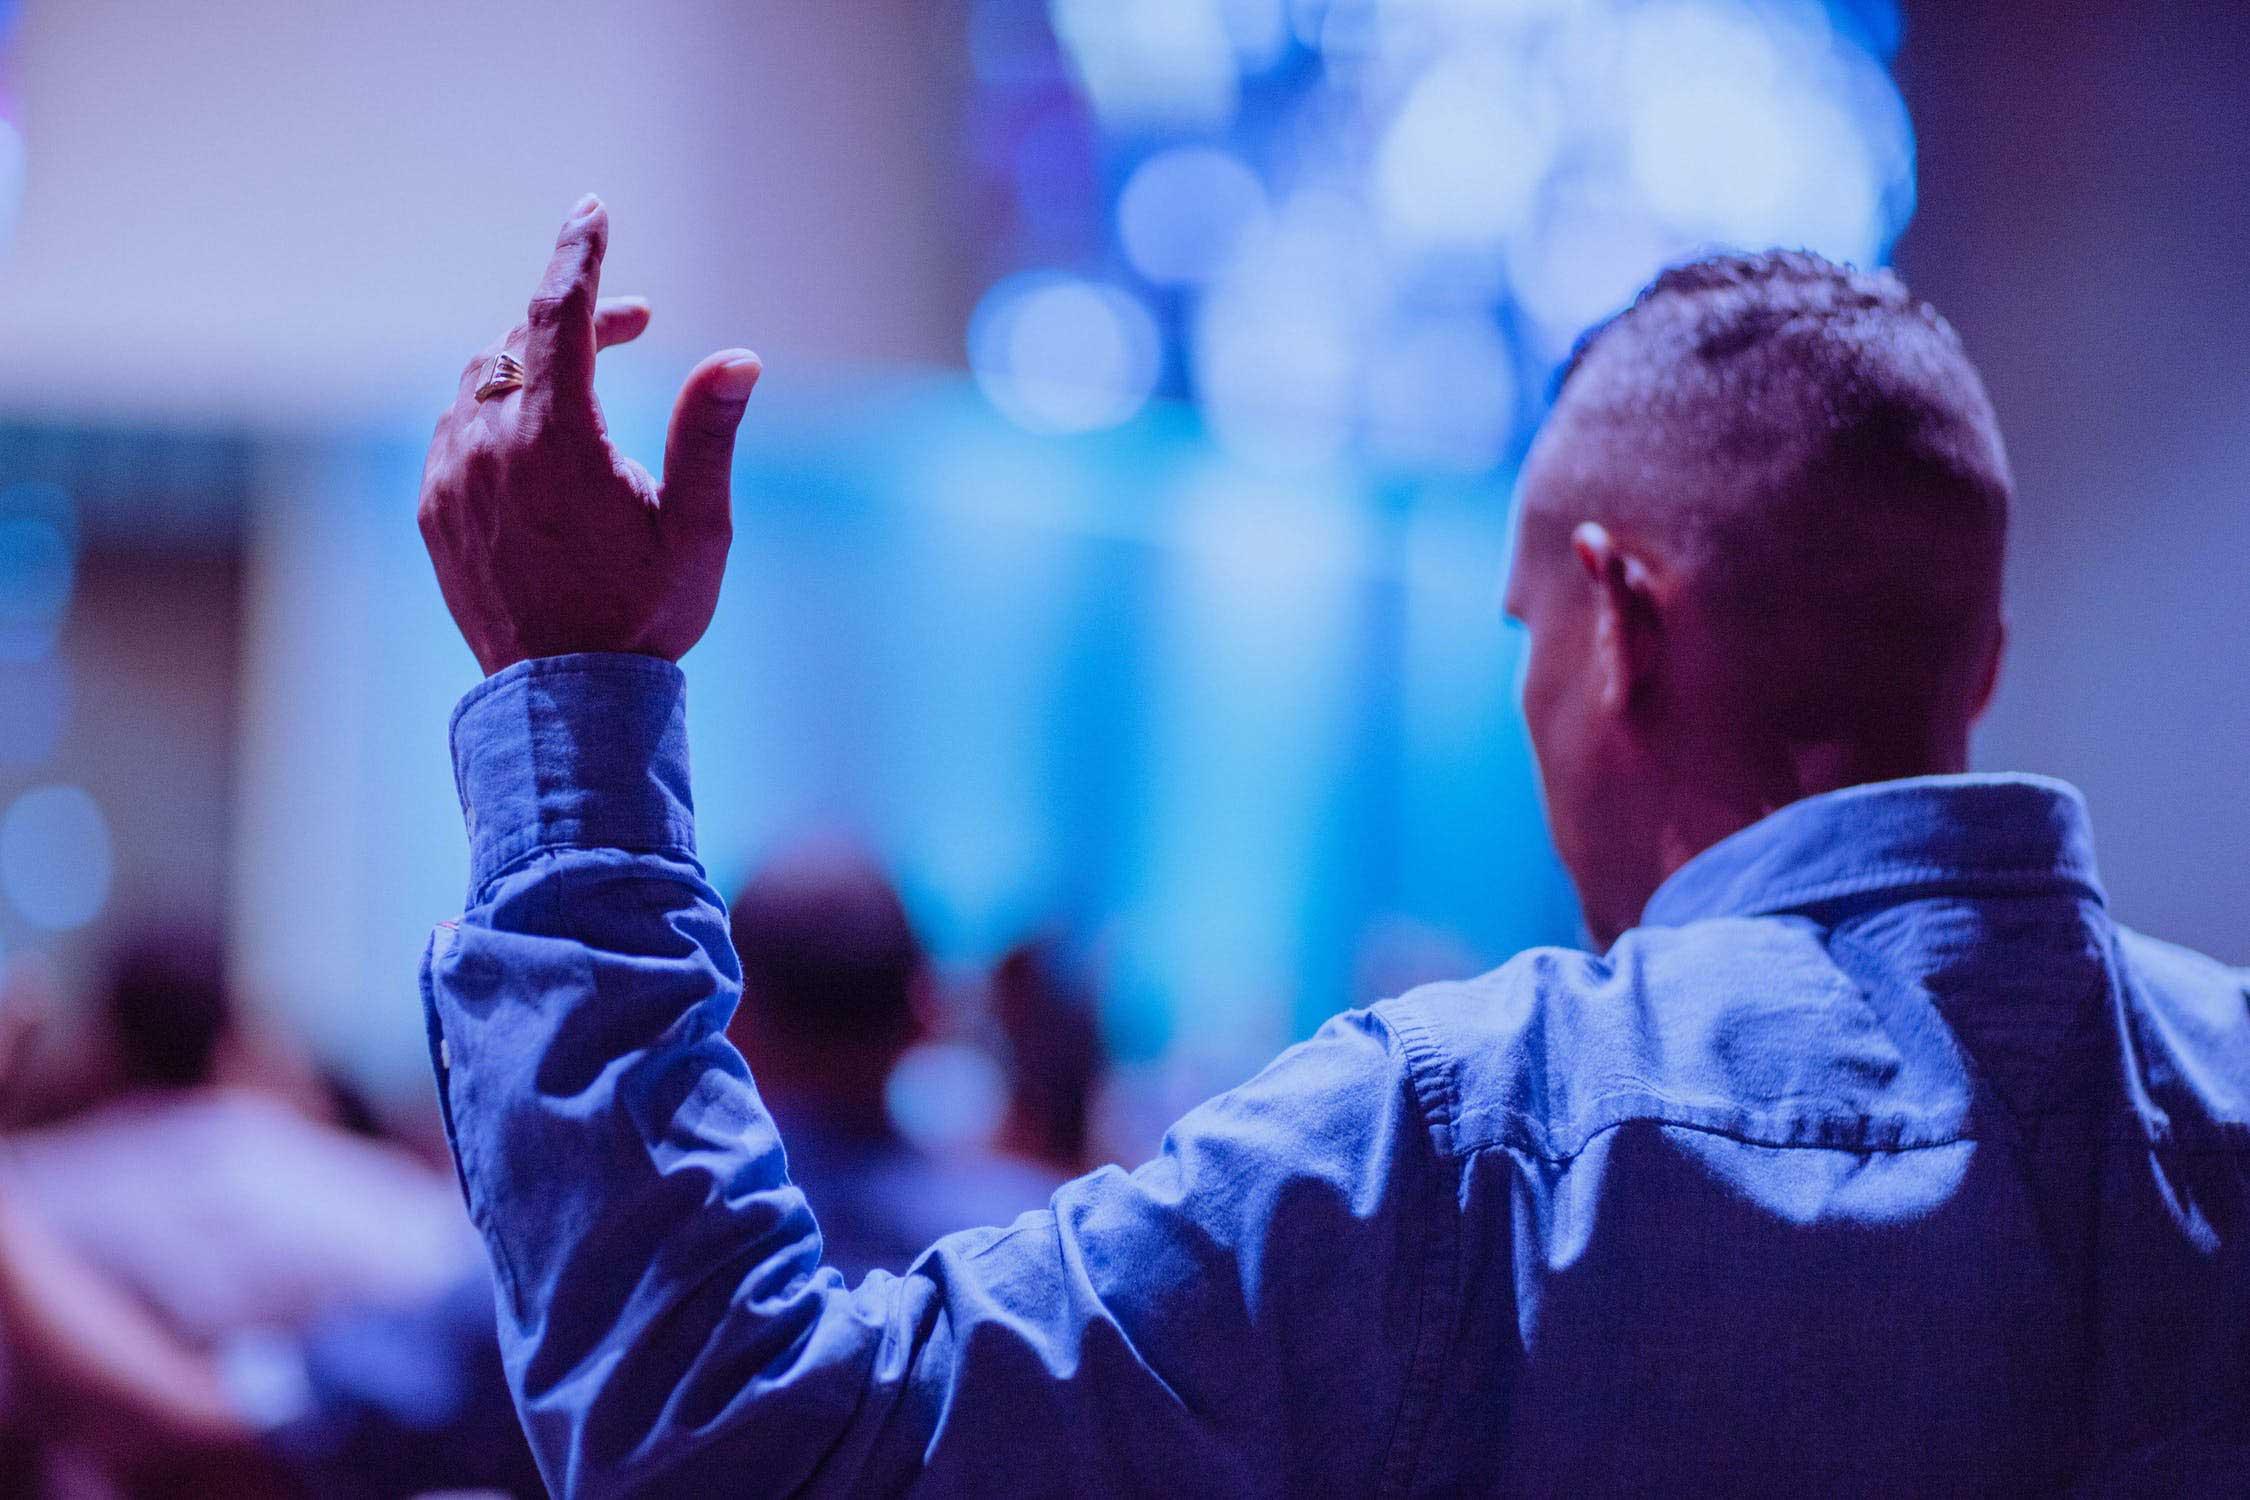 Congregation preaching